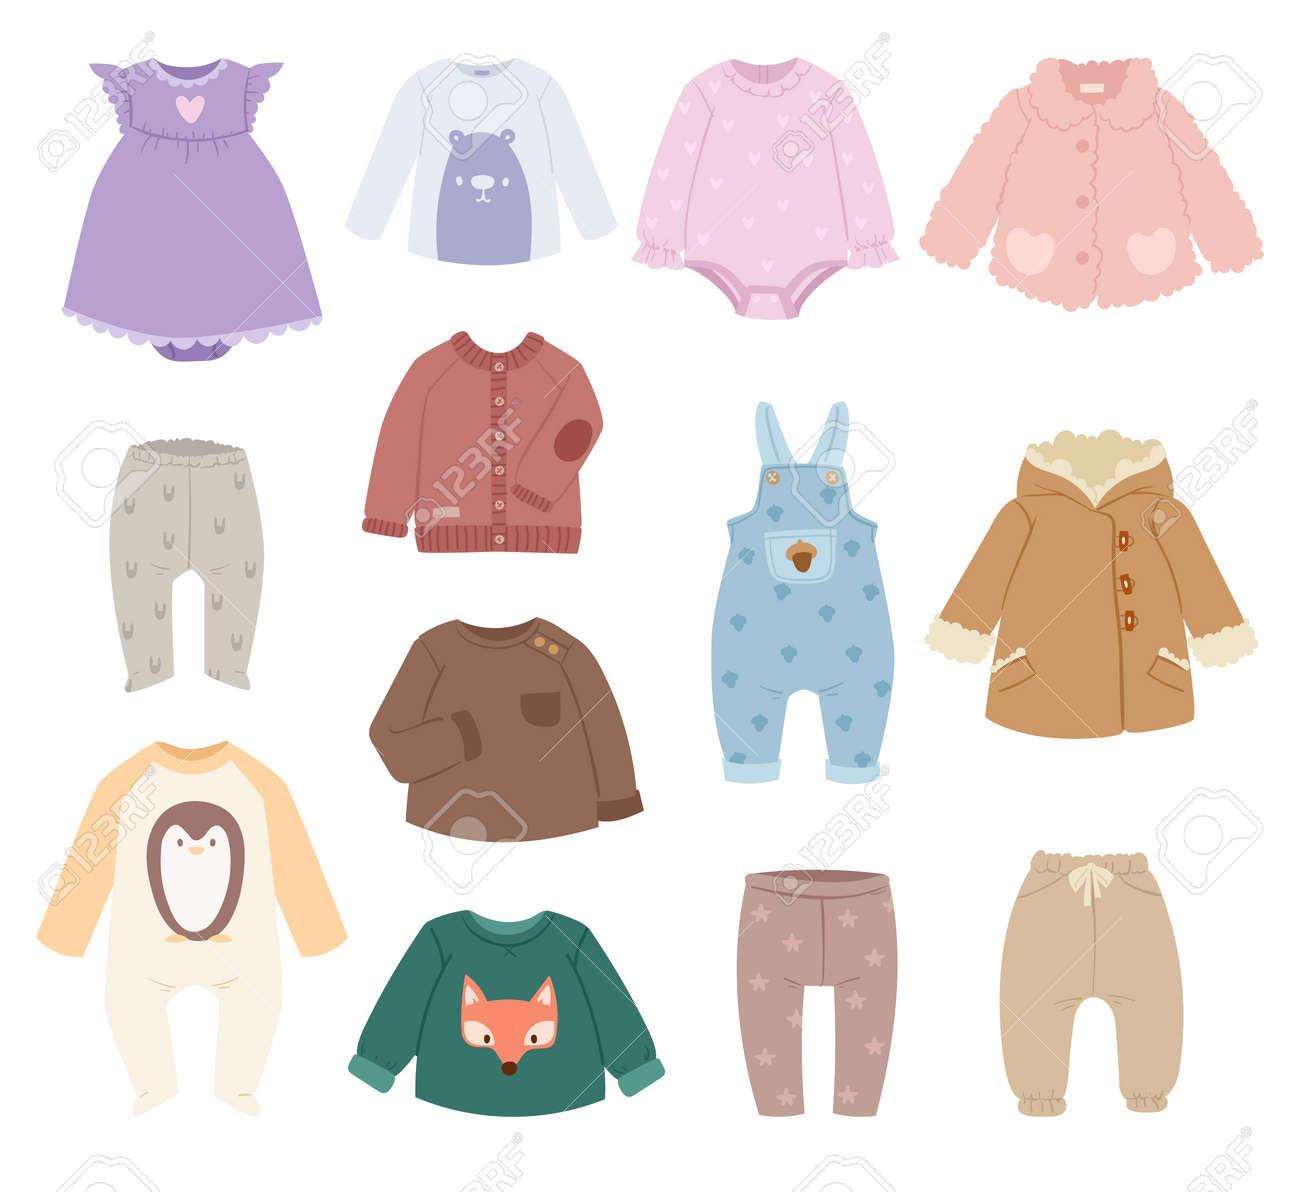 80cfc2b953aa2 Banque d images - Nourrissons bébé vêtements accessoires enfant vecteur.  Bébé vêtements collection de chemise moderne sur fond blanc.